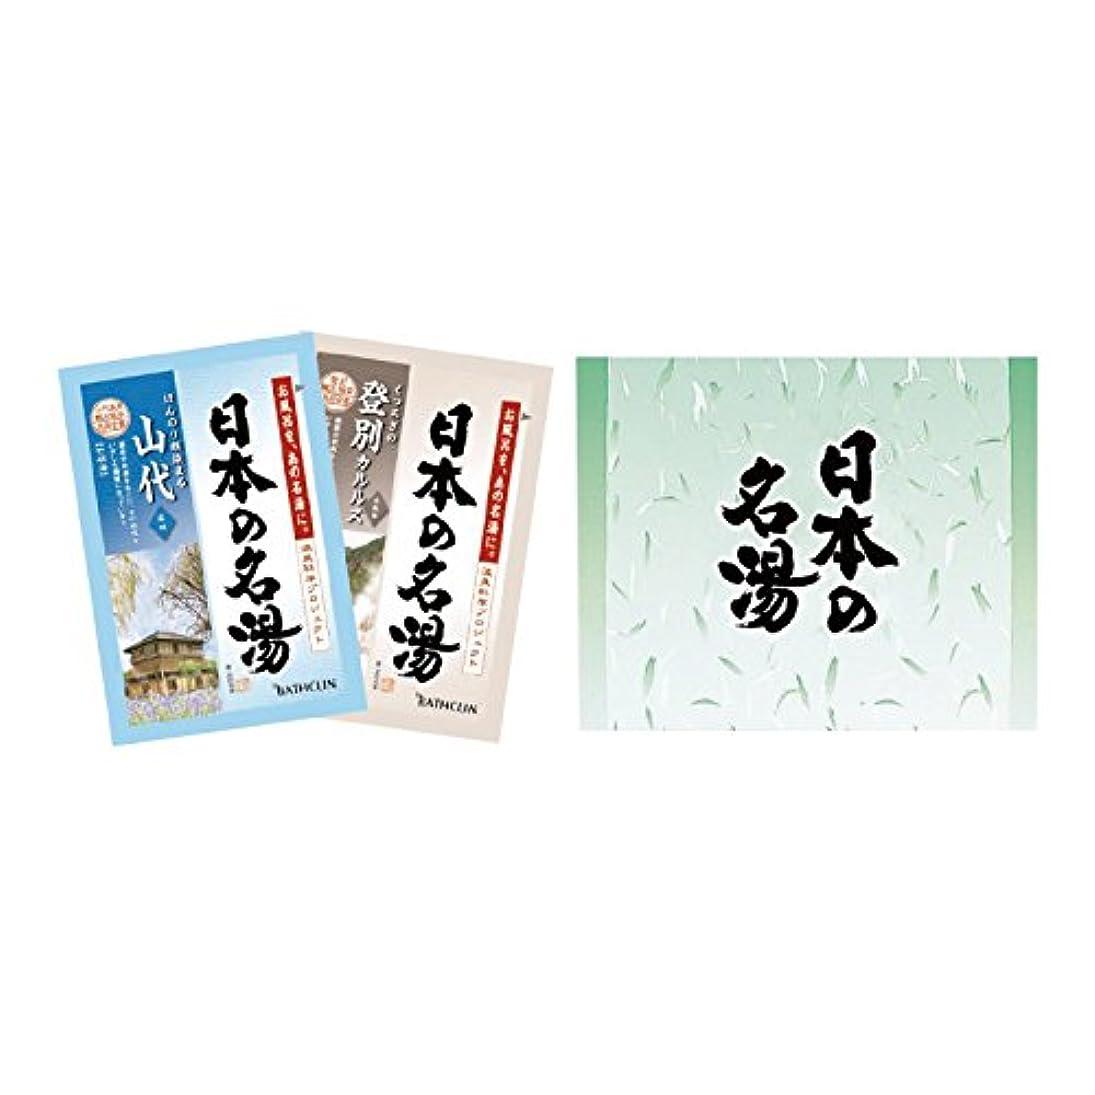 溶接召喚する累計日本の名湯 入浴剤 2包入